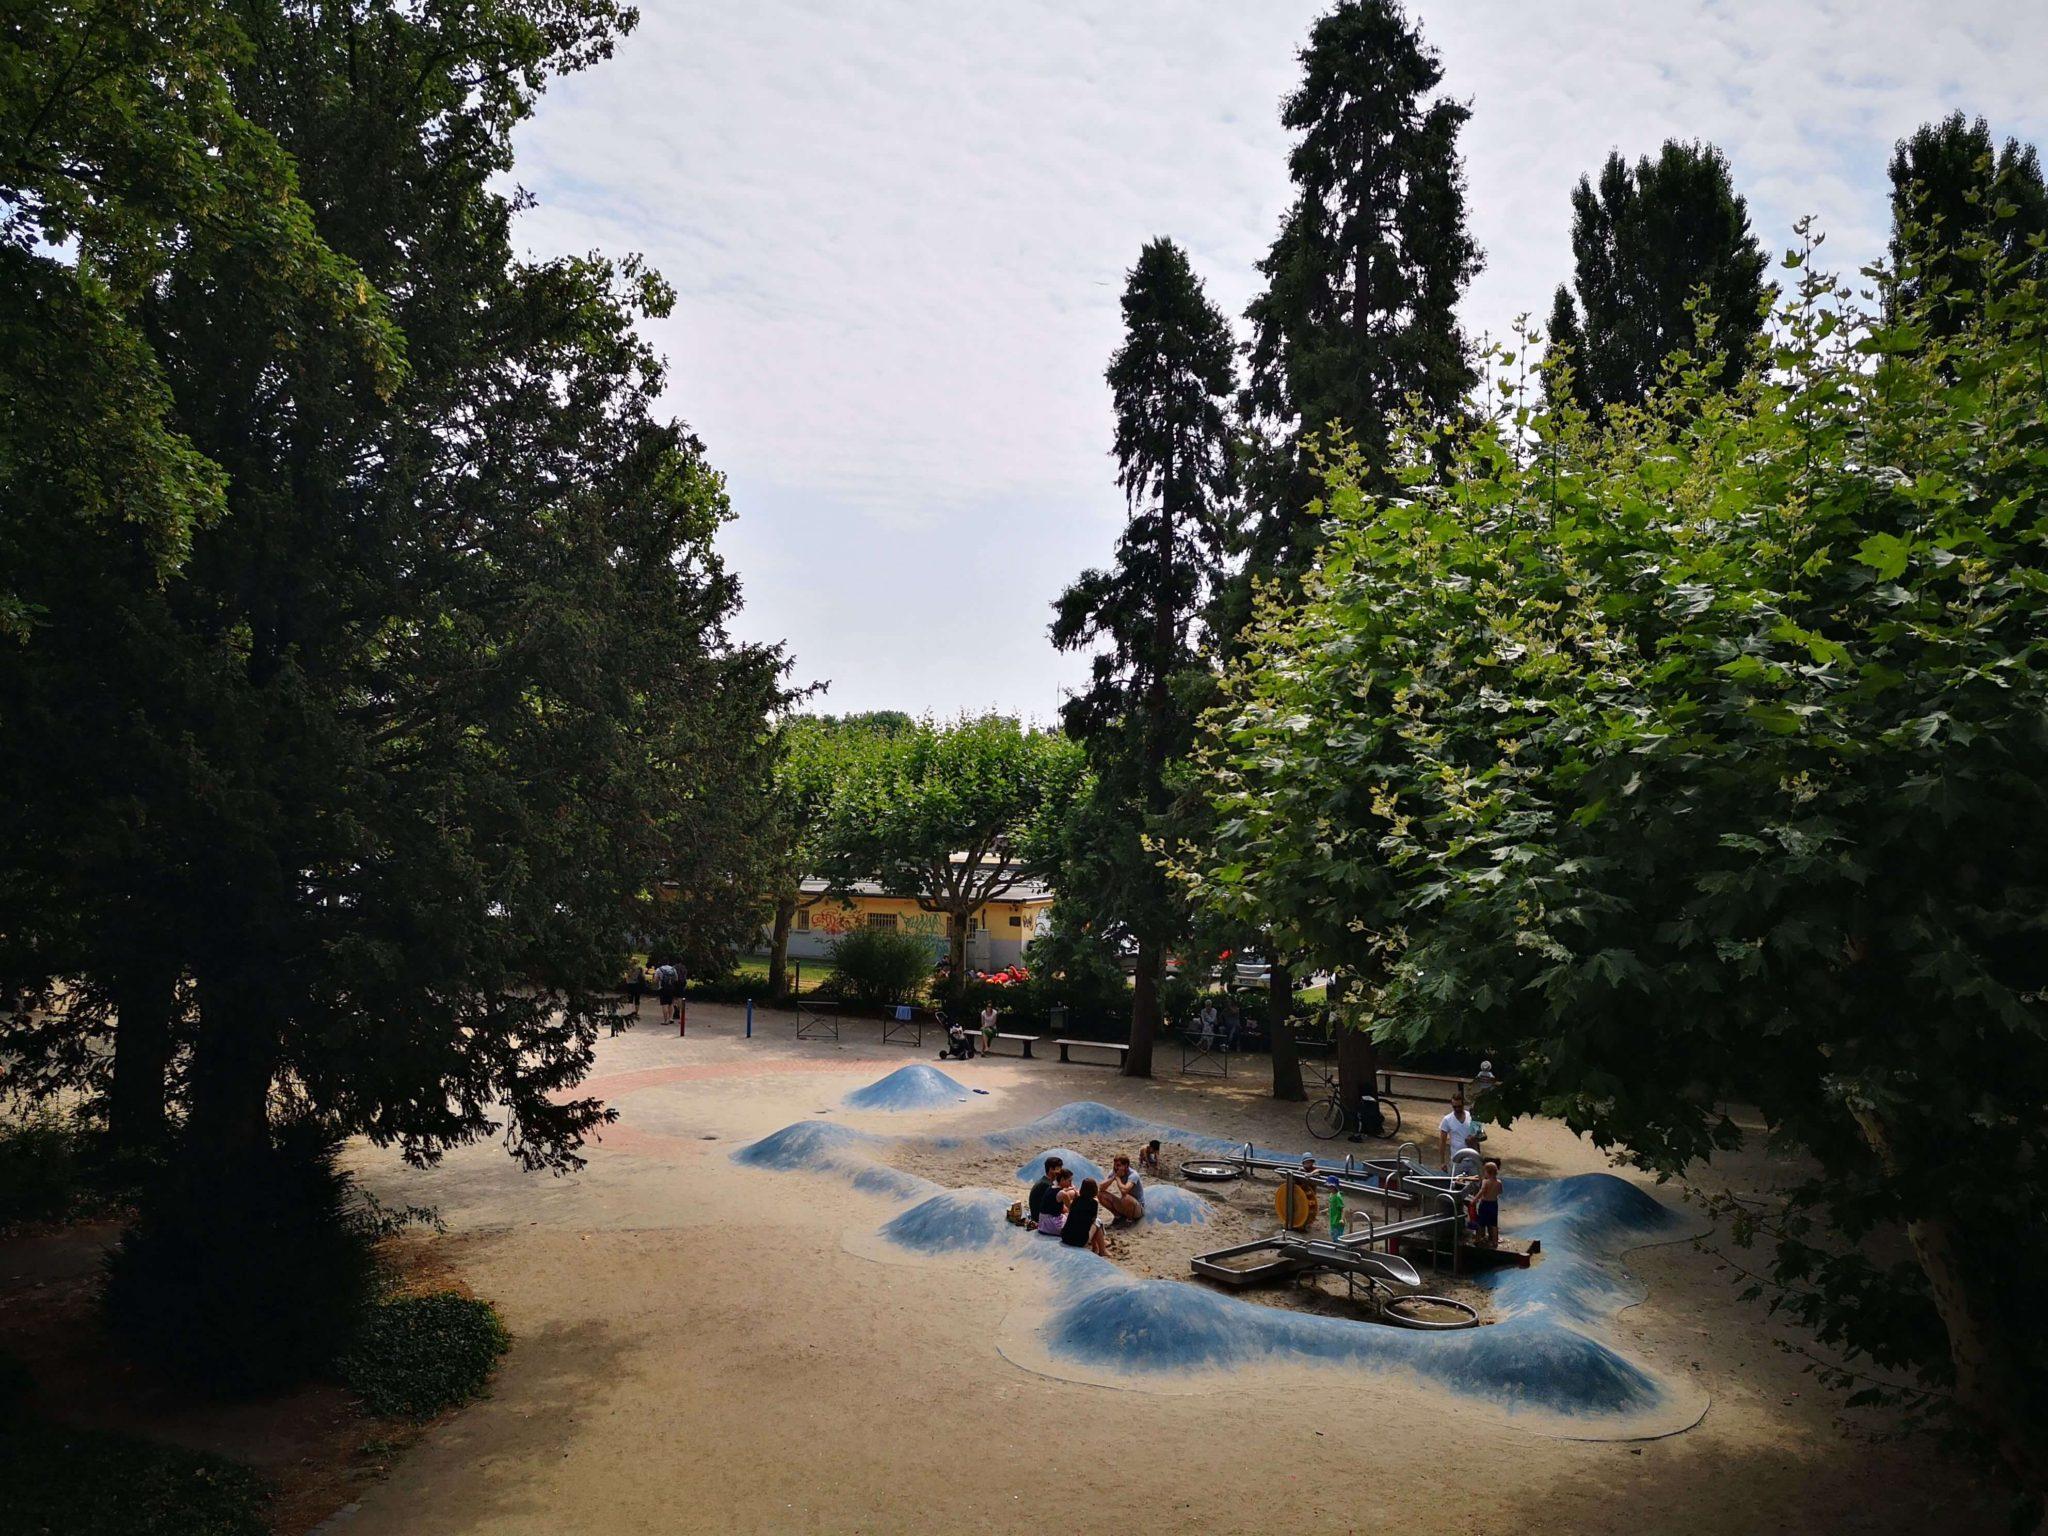 Der Spielplatz an der Untermainbrücke liegt direkt am Main